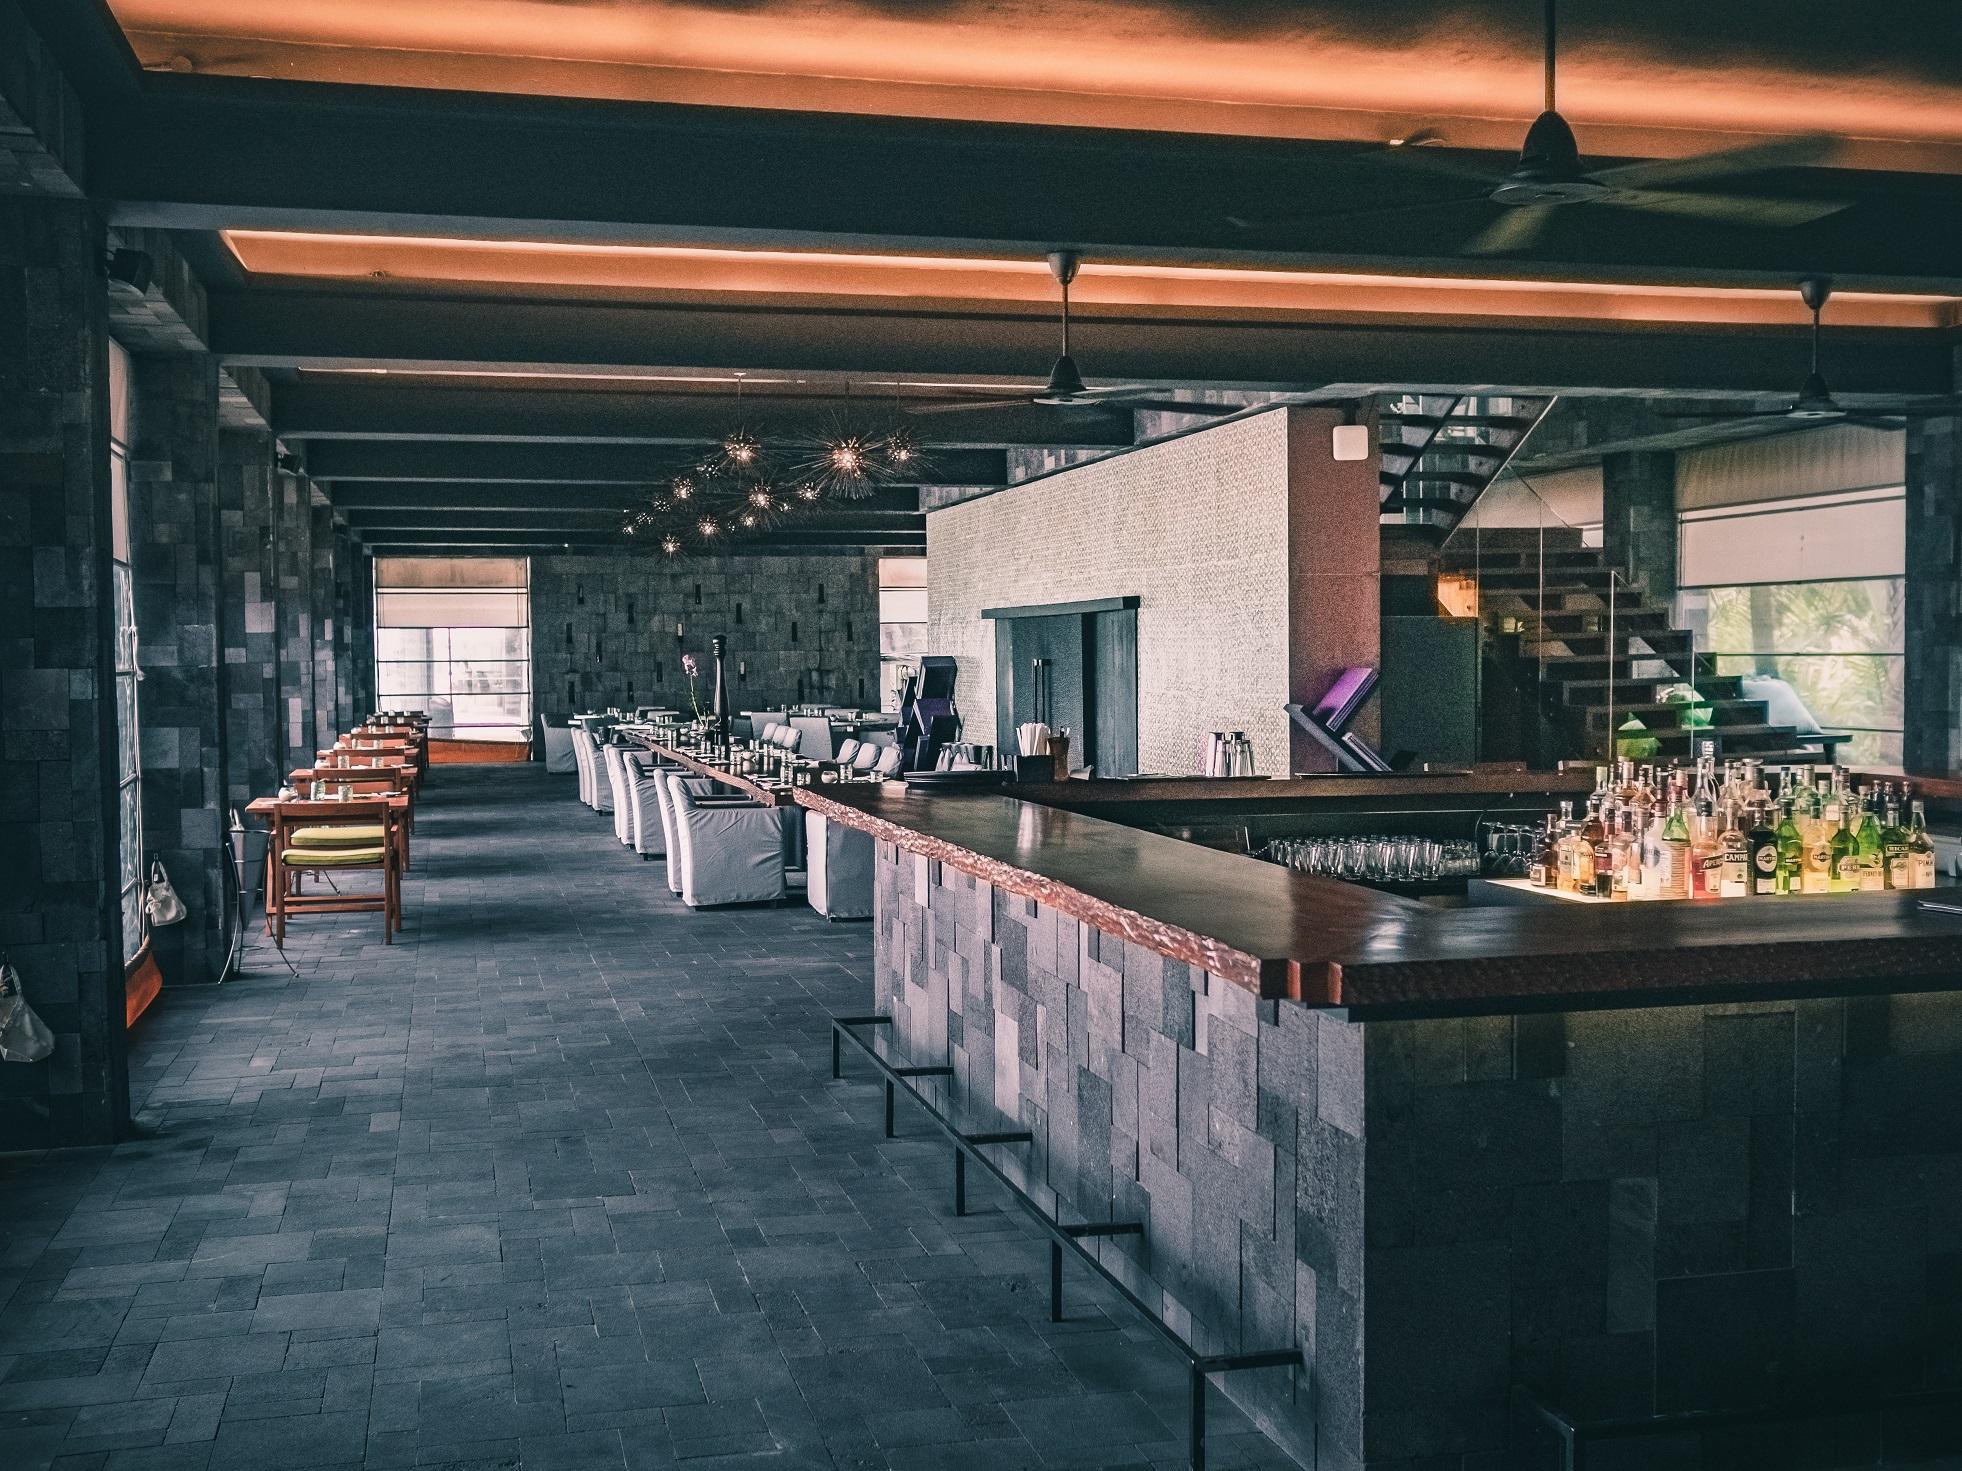 üres étterem, üres szálloda